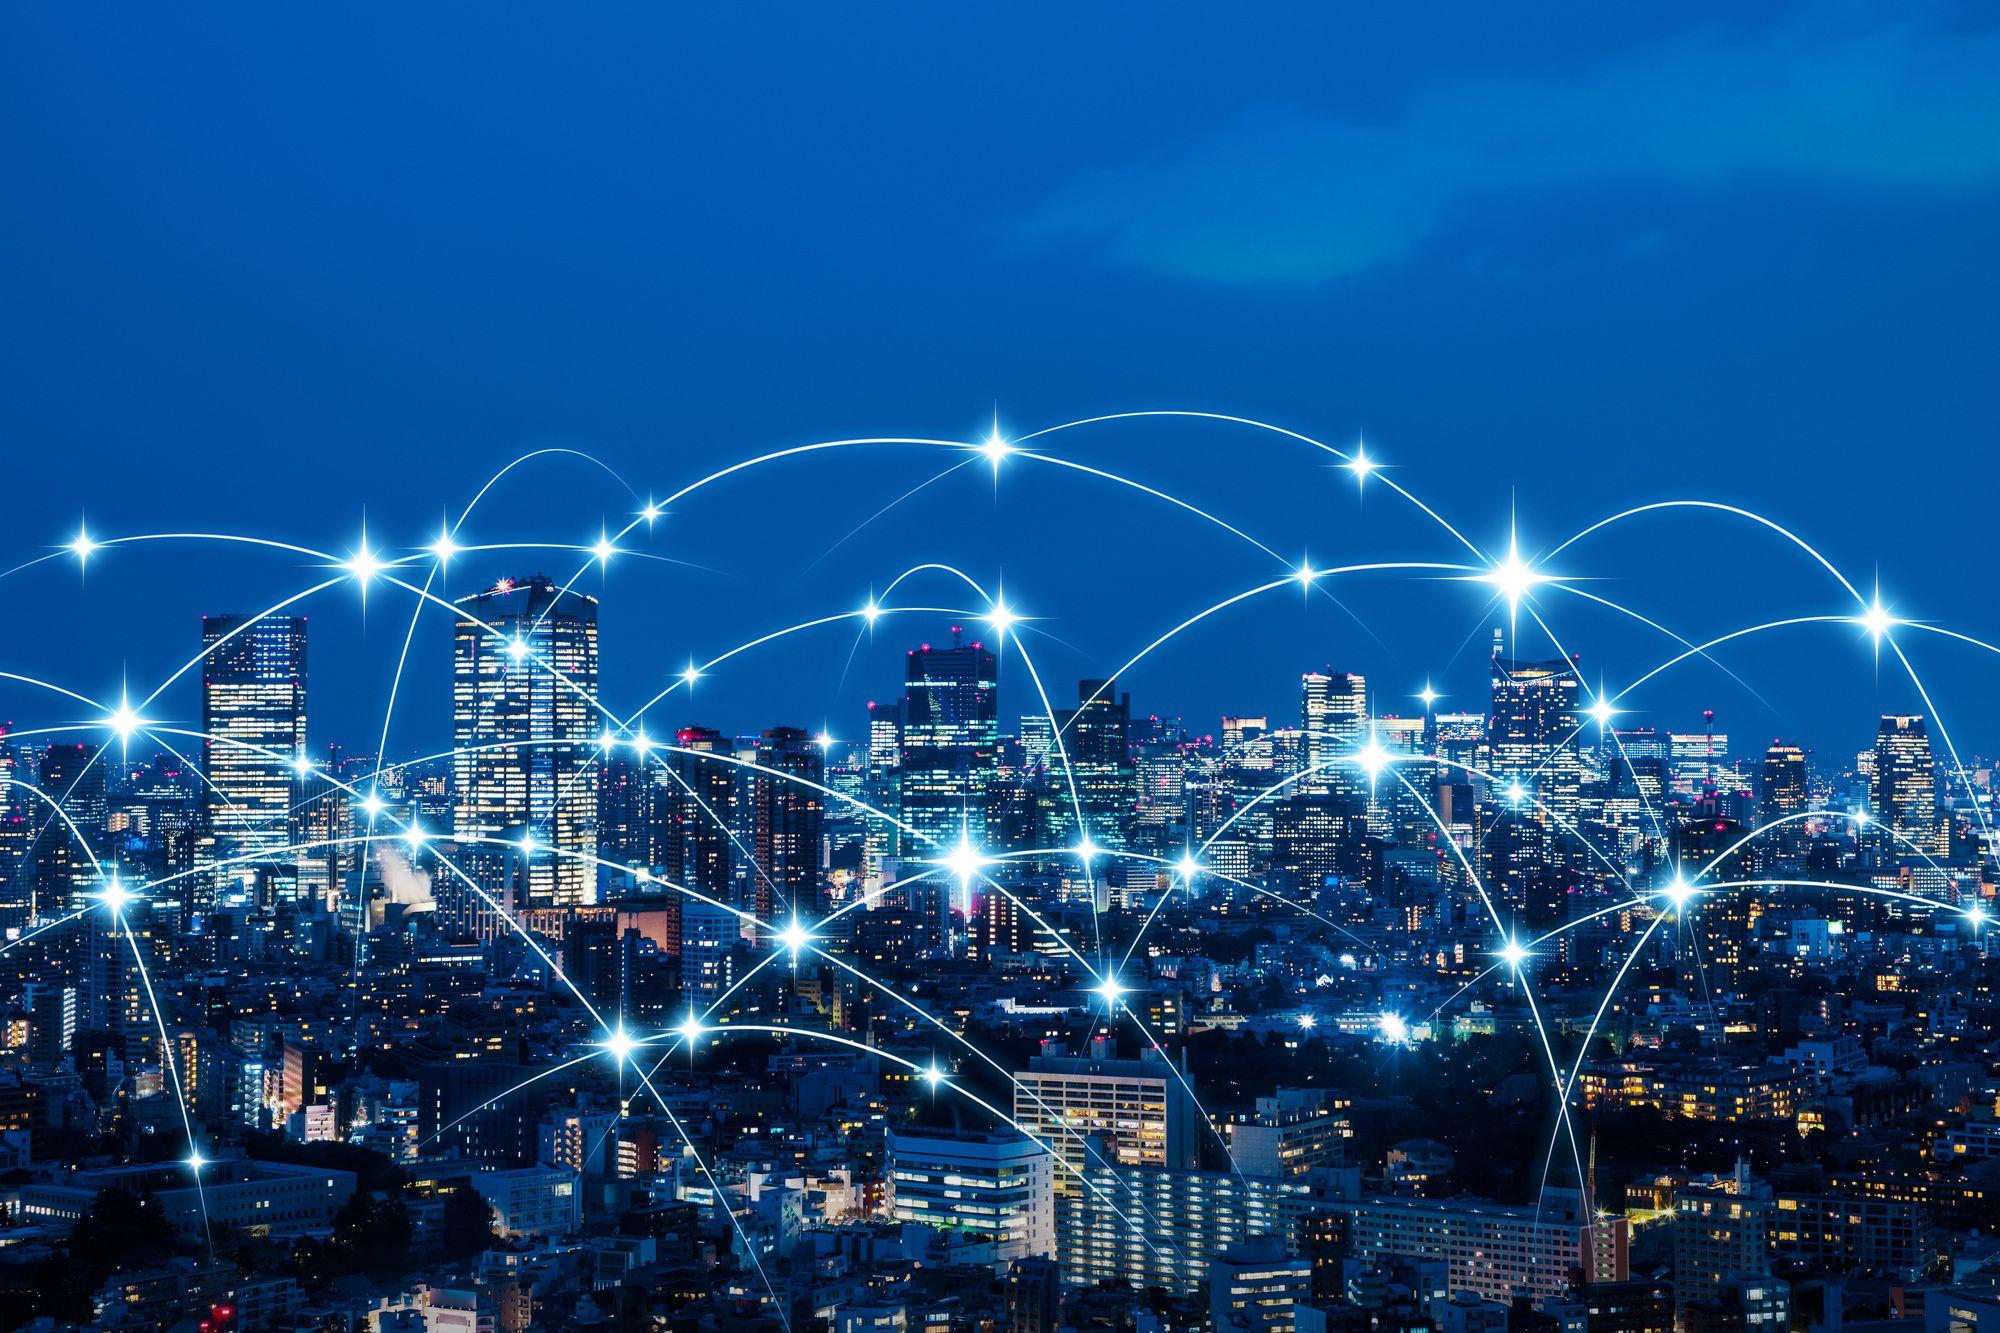 企業庁が中小企業の電子受発注実現へ開発する「データ連携基盤」の全容